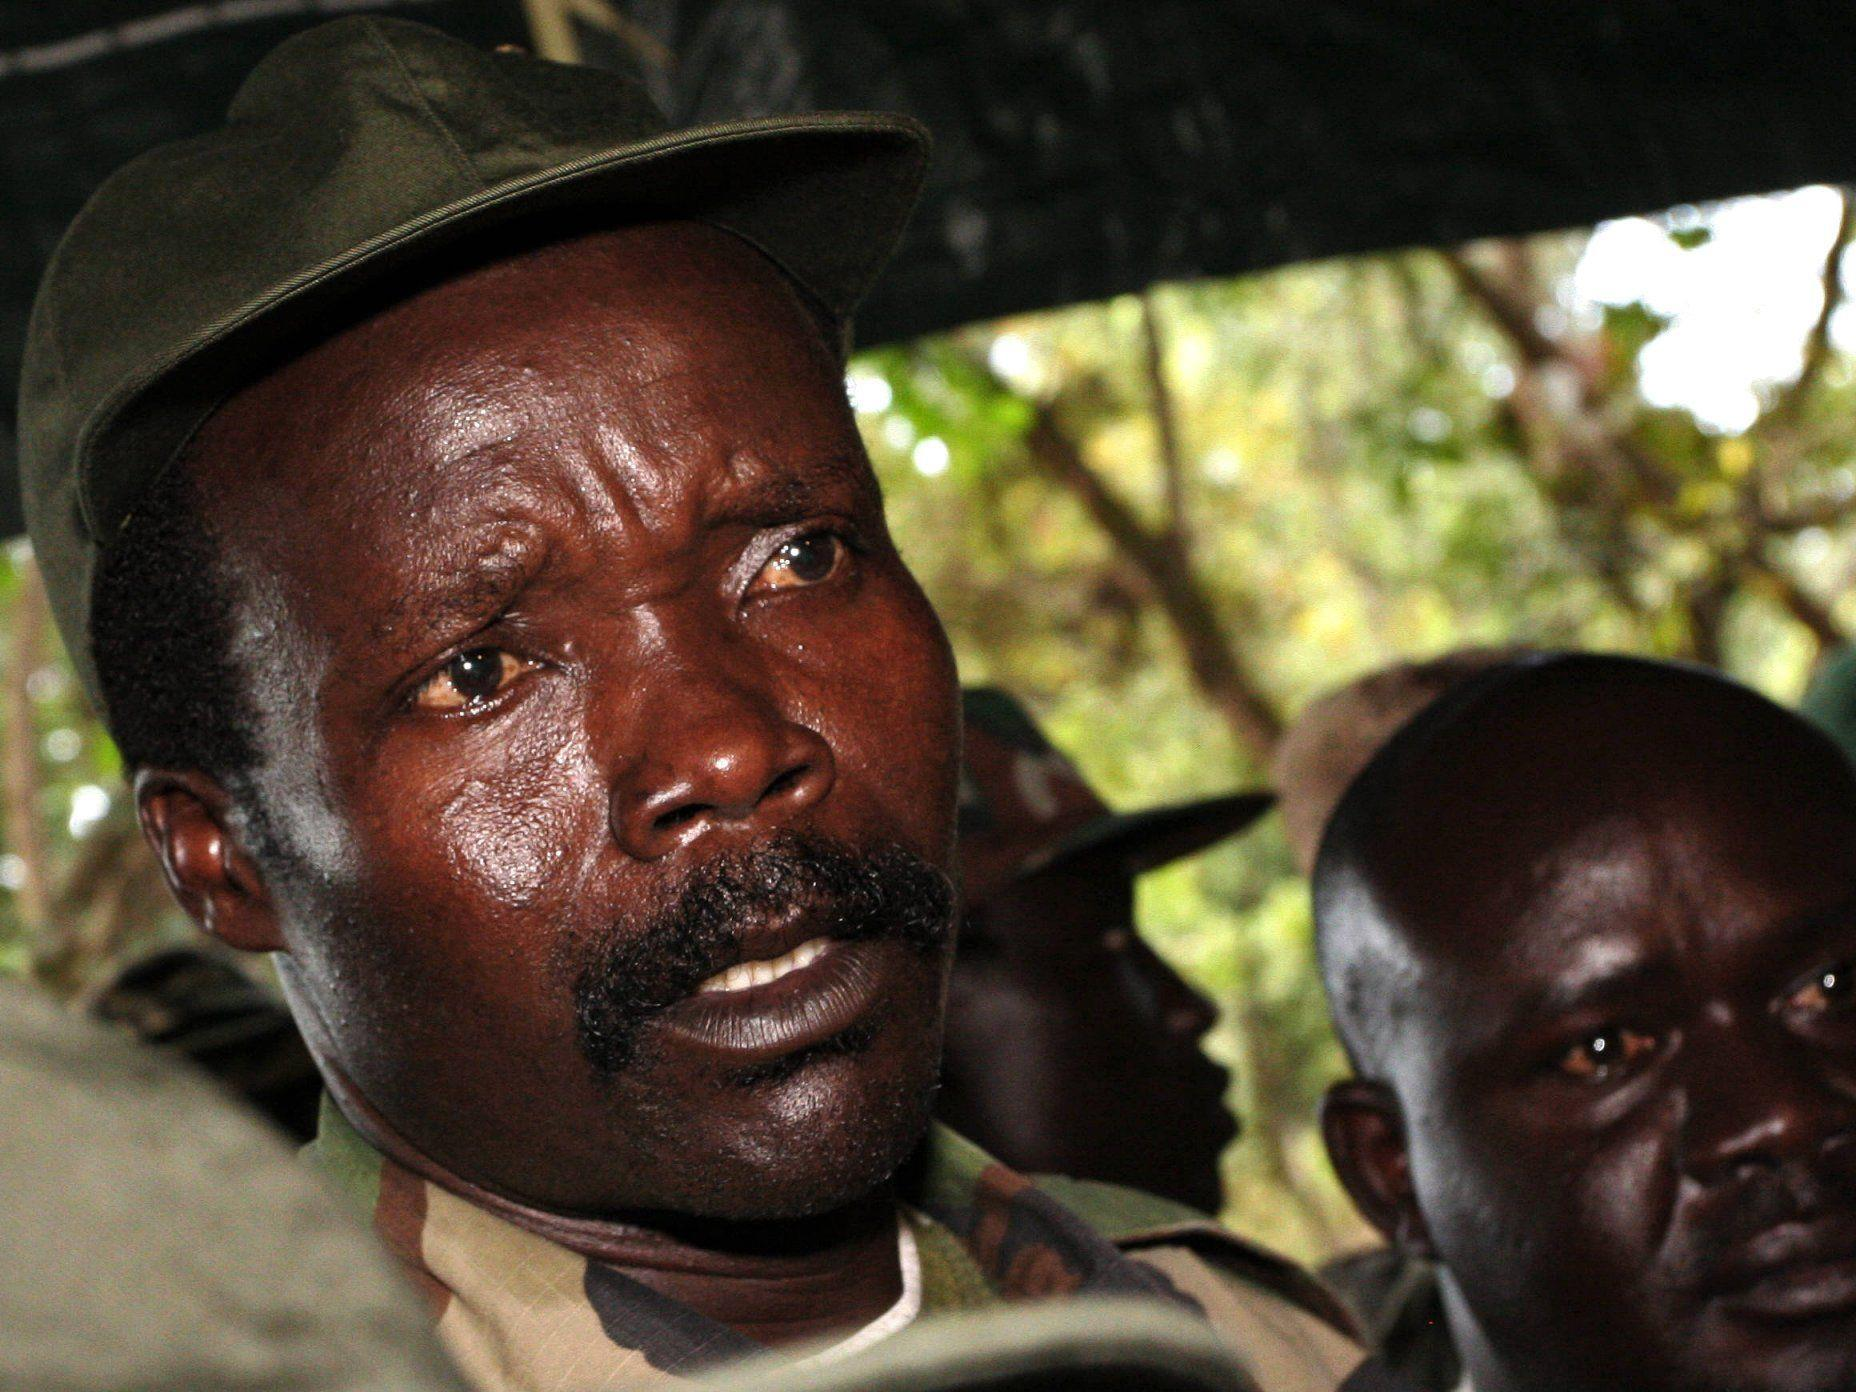 Kampagne gegen Kriegsverbrecher Joseph Kony startete.